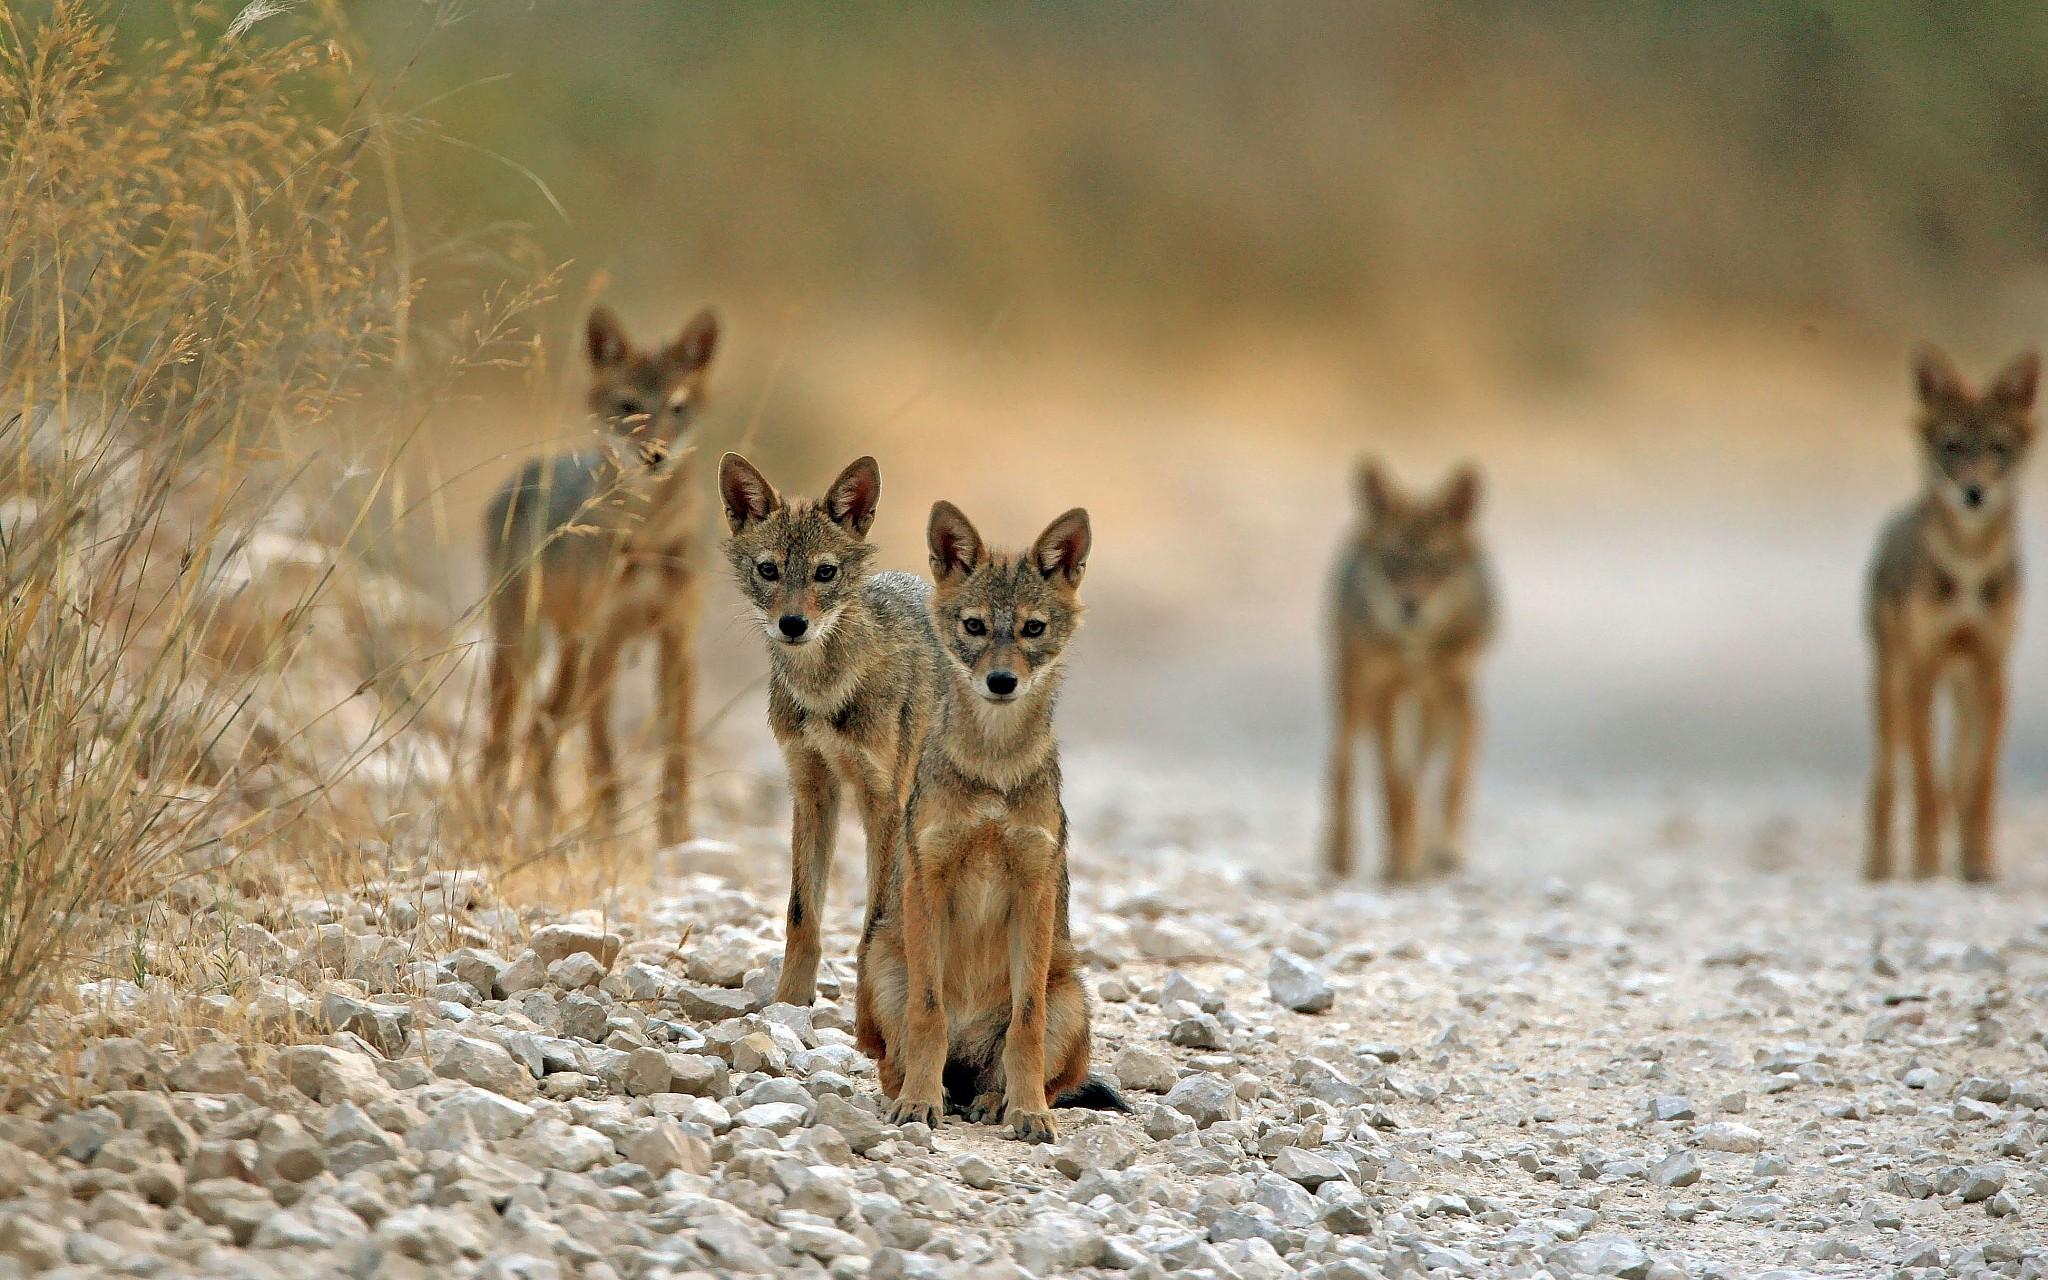 上图:一群金豺坐在耶路撒冷附近的路上。以色列的金豺(Golden Jackal)很多,学名亚洲胡狼(Canis aureus),是杂食动物,2018年的统计数据有2000多只。金豺是一夫一妻制,尚未找到配偶的成年金豺会留在父母身边帮忙照顾弟弟妹妹。